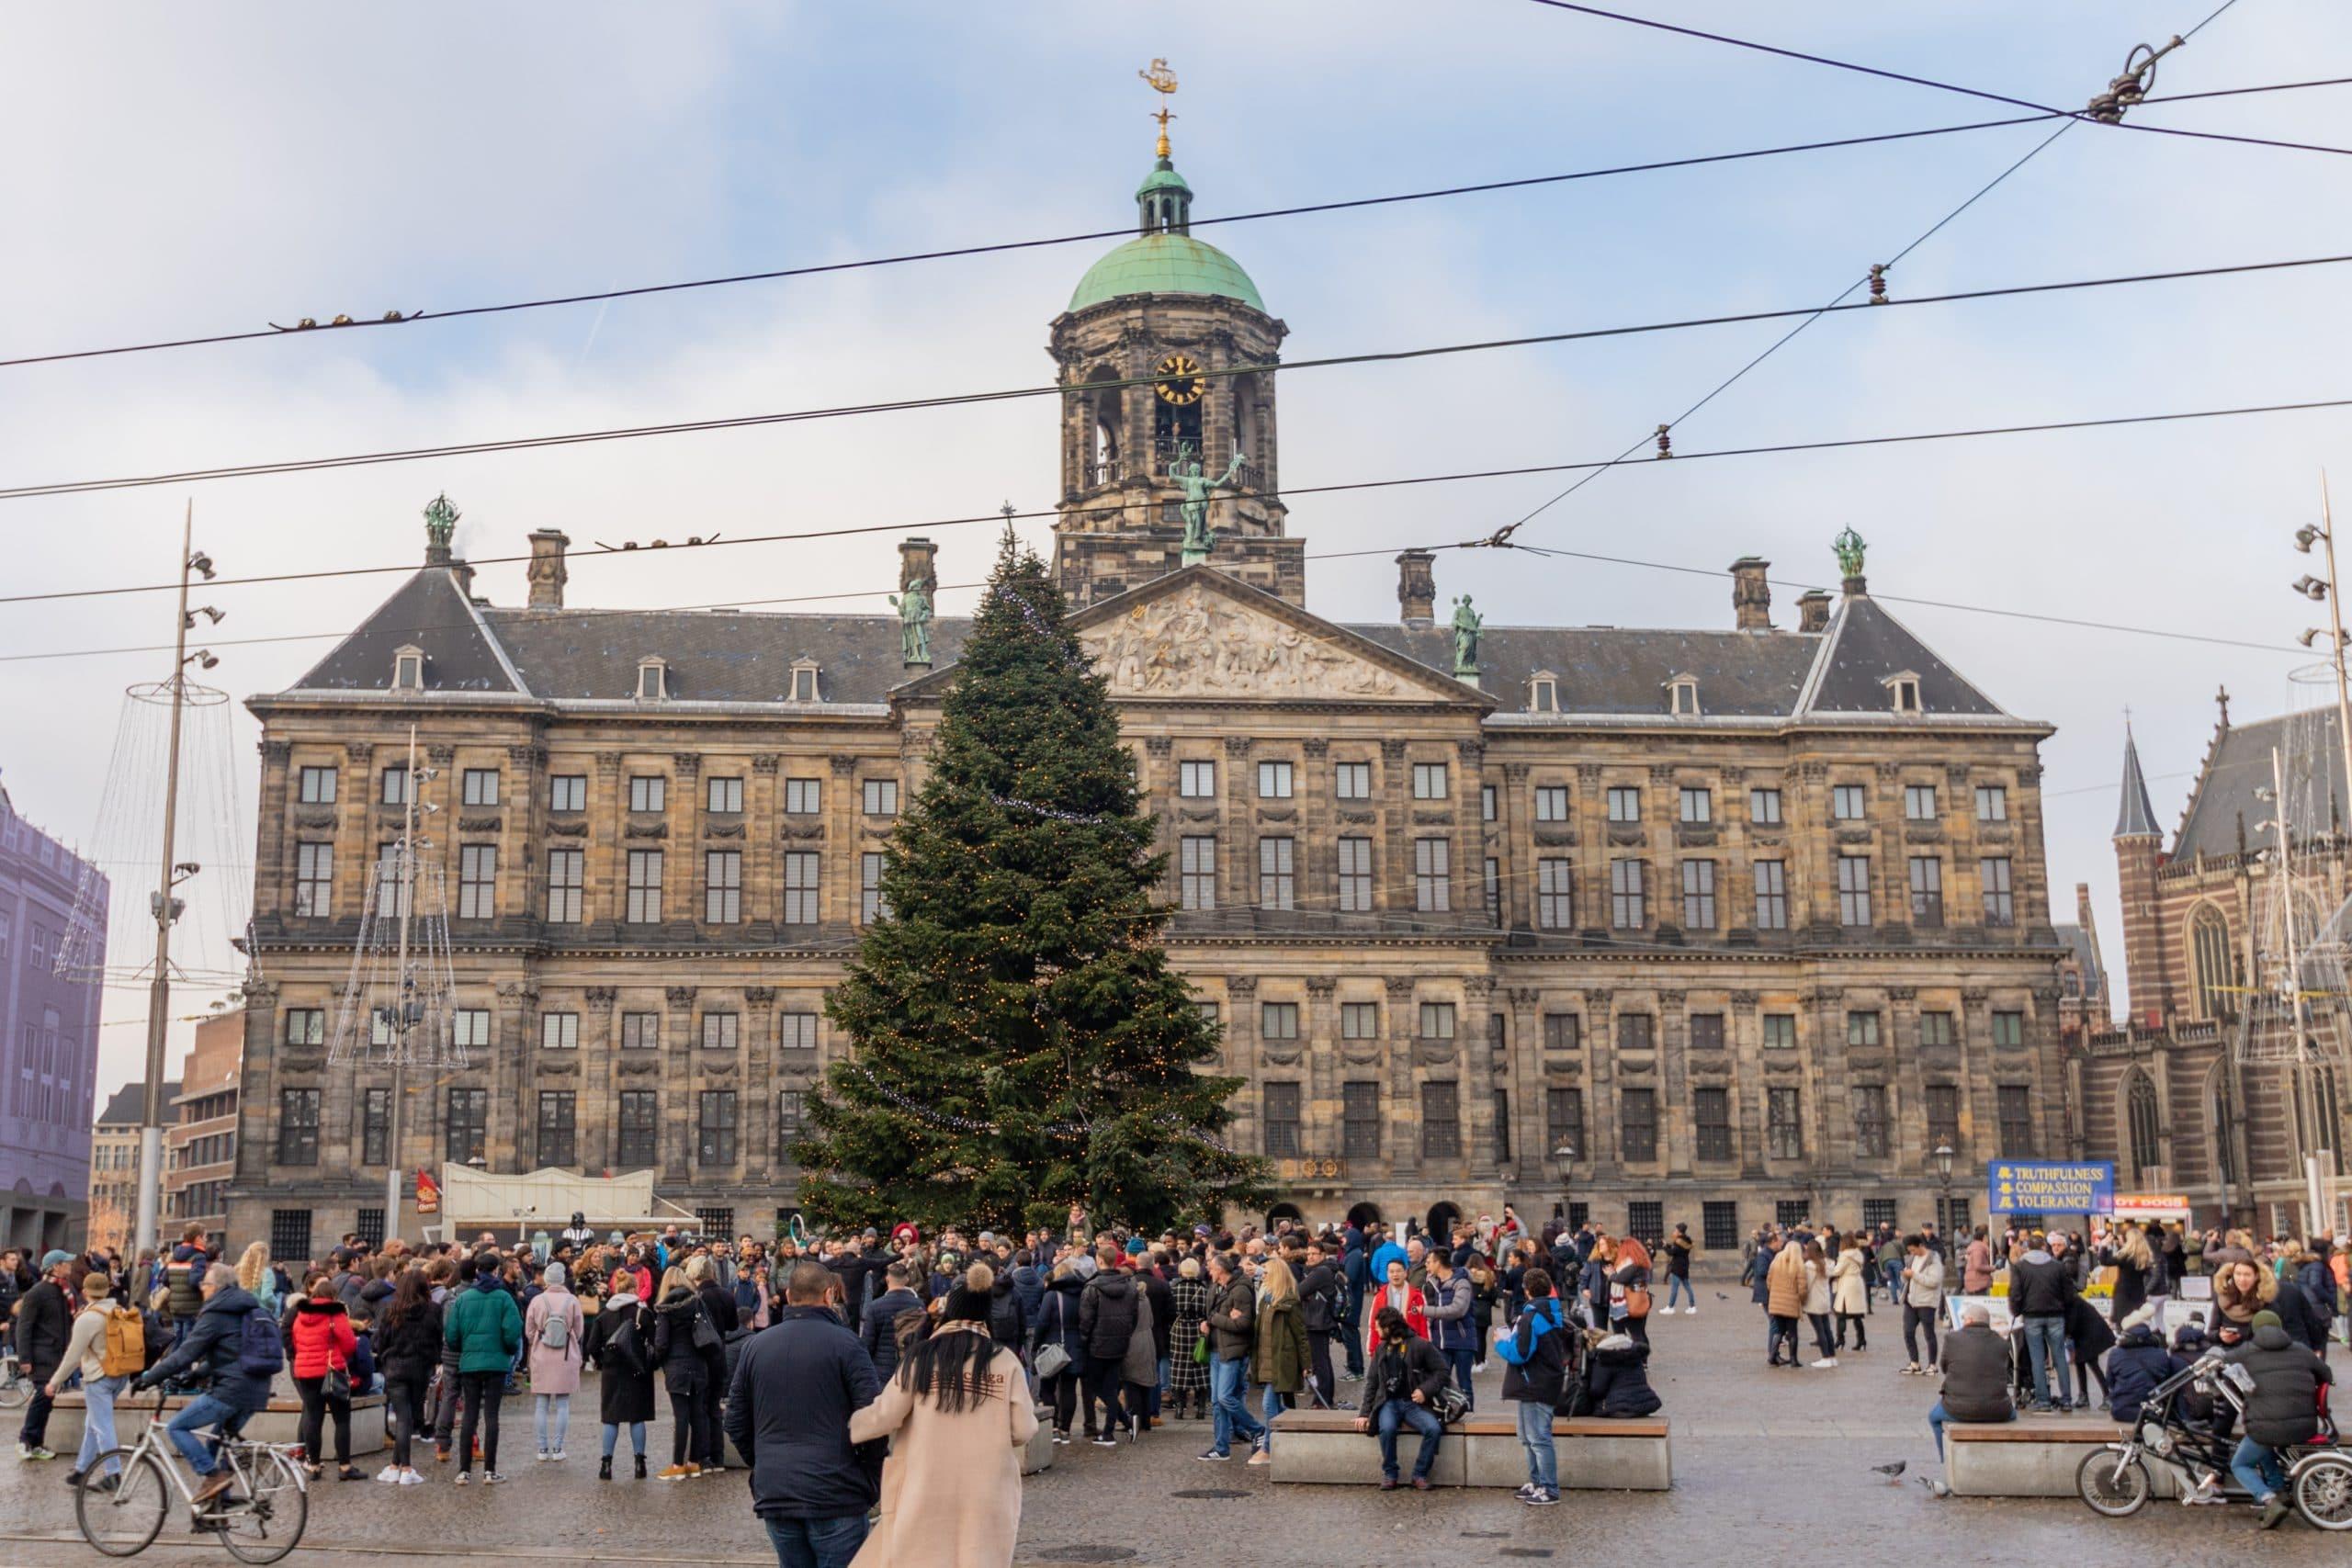 Amsterdam-20181231-5N6A0310_1